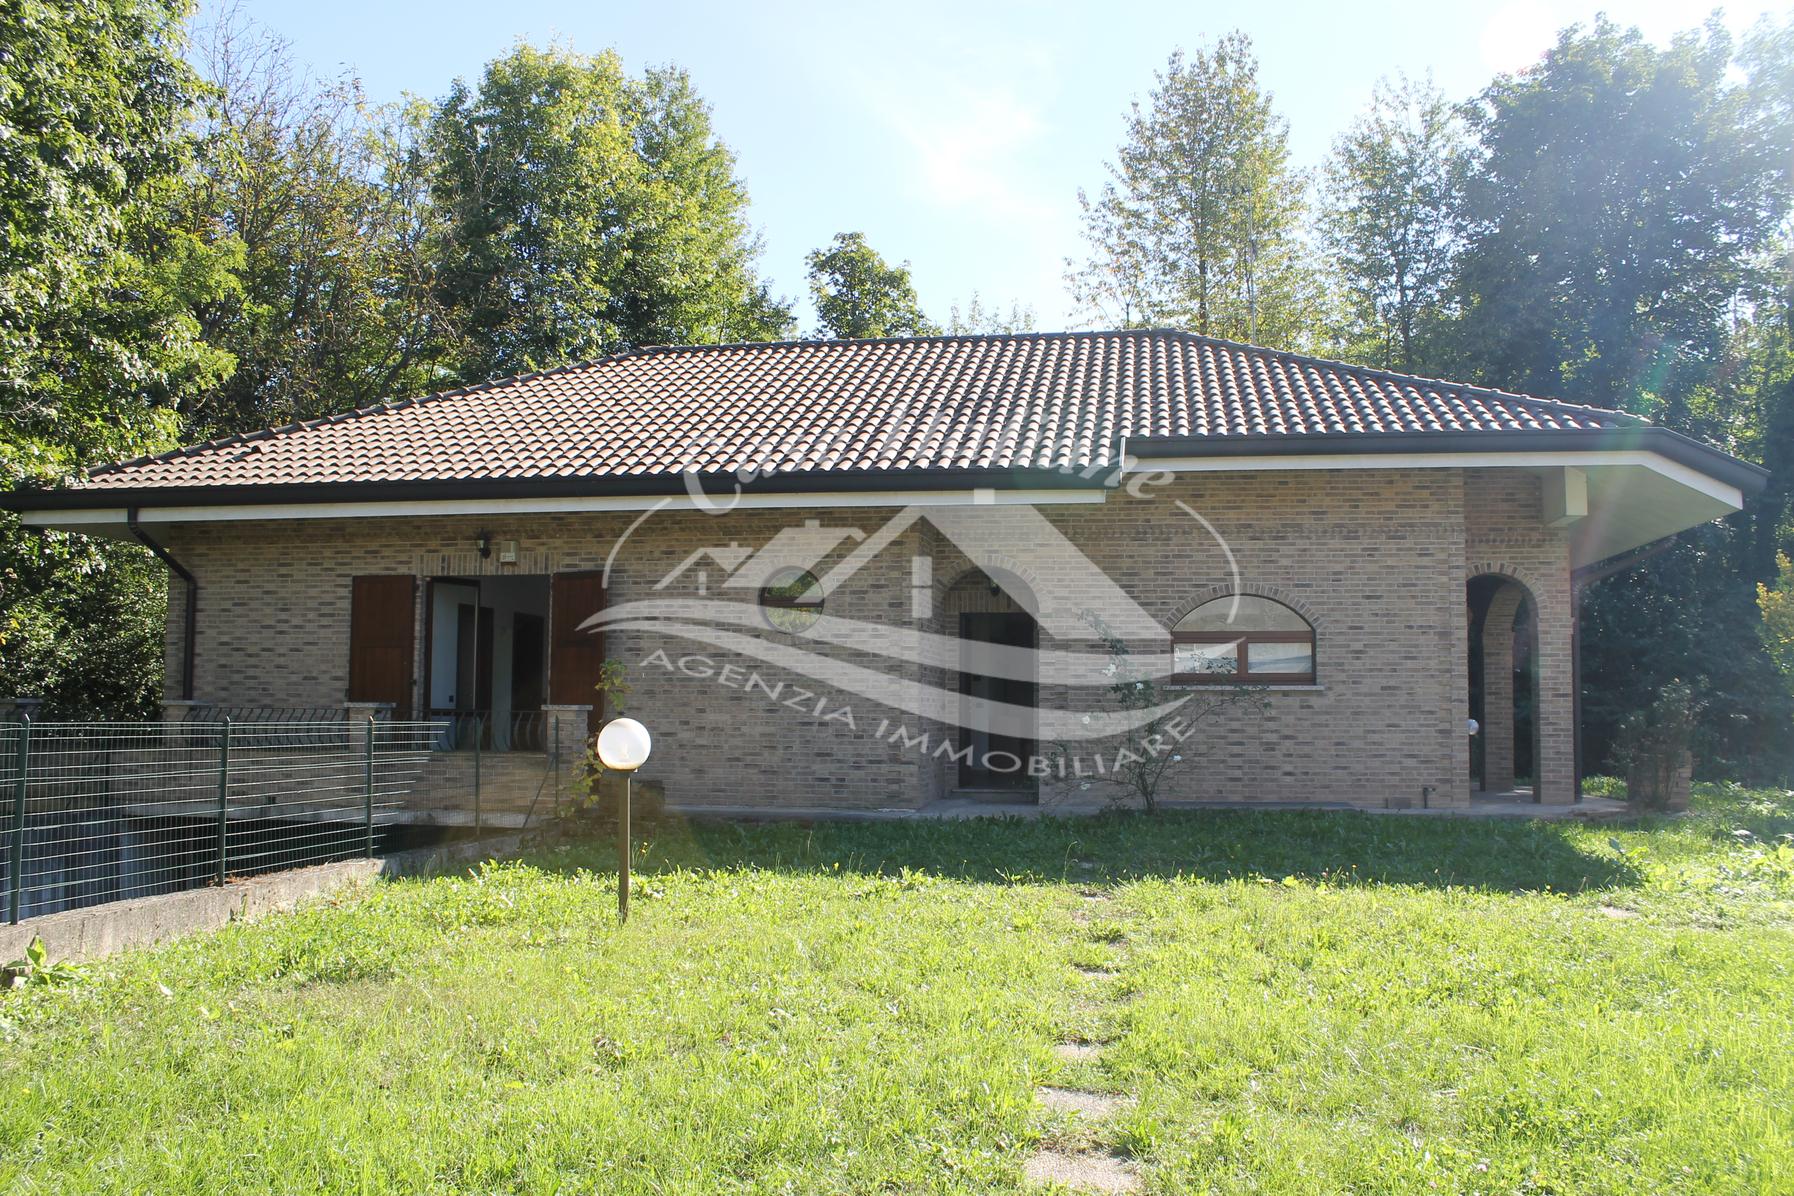 Villa indipendente con giardino a Lentate sul Seveso